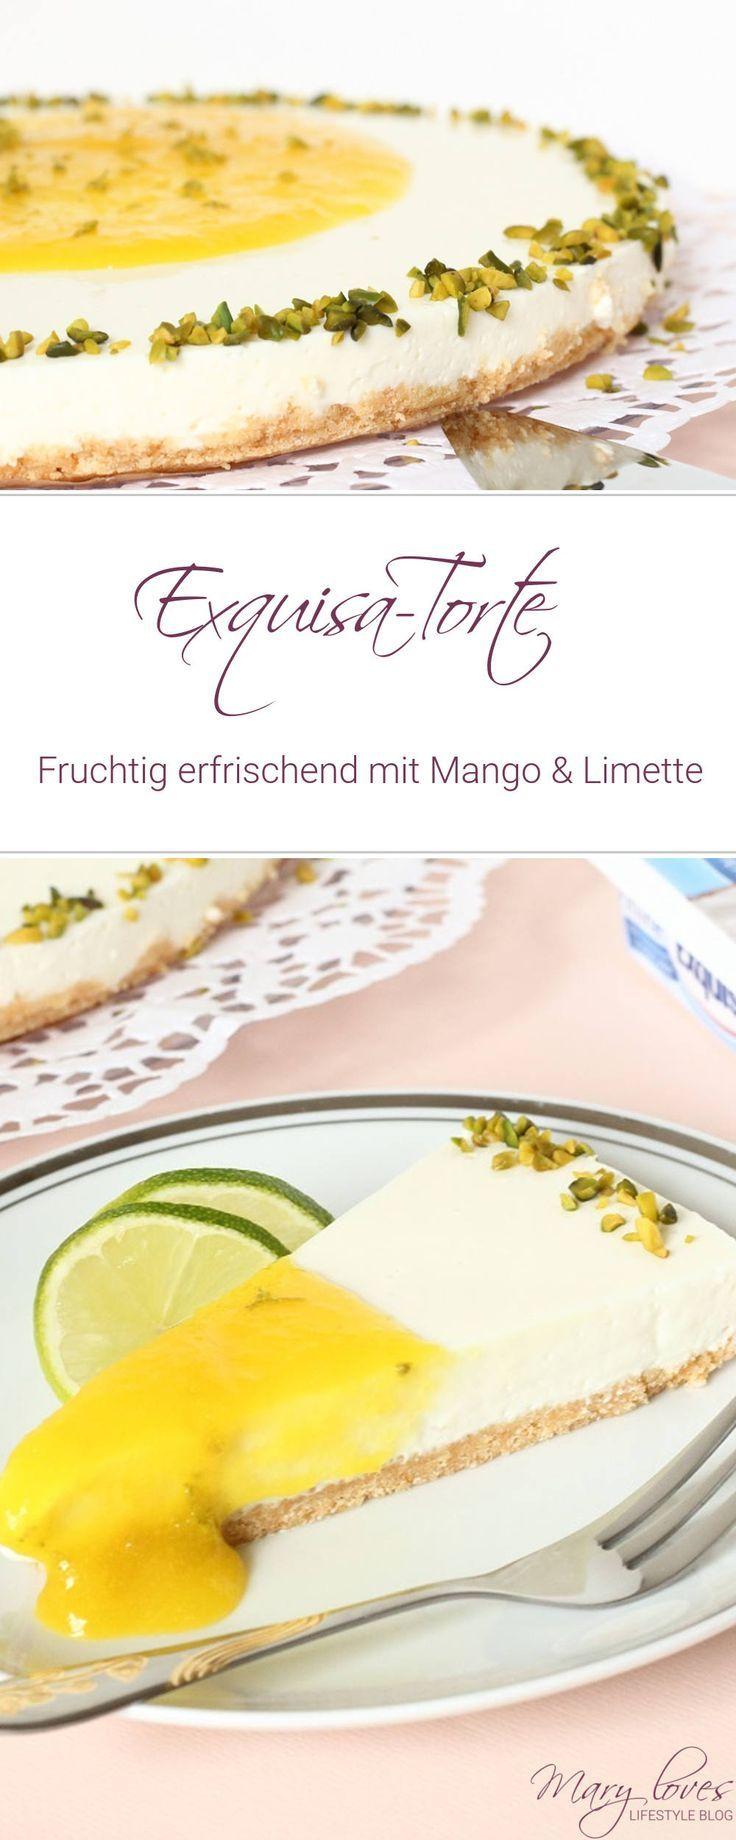 Fruchtig erfrischende ExquisaTorte mit Mango und Limette